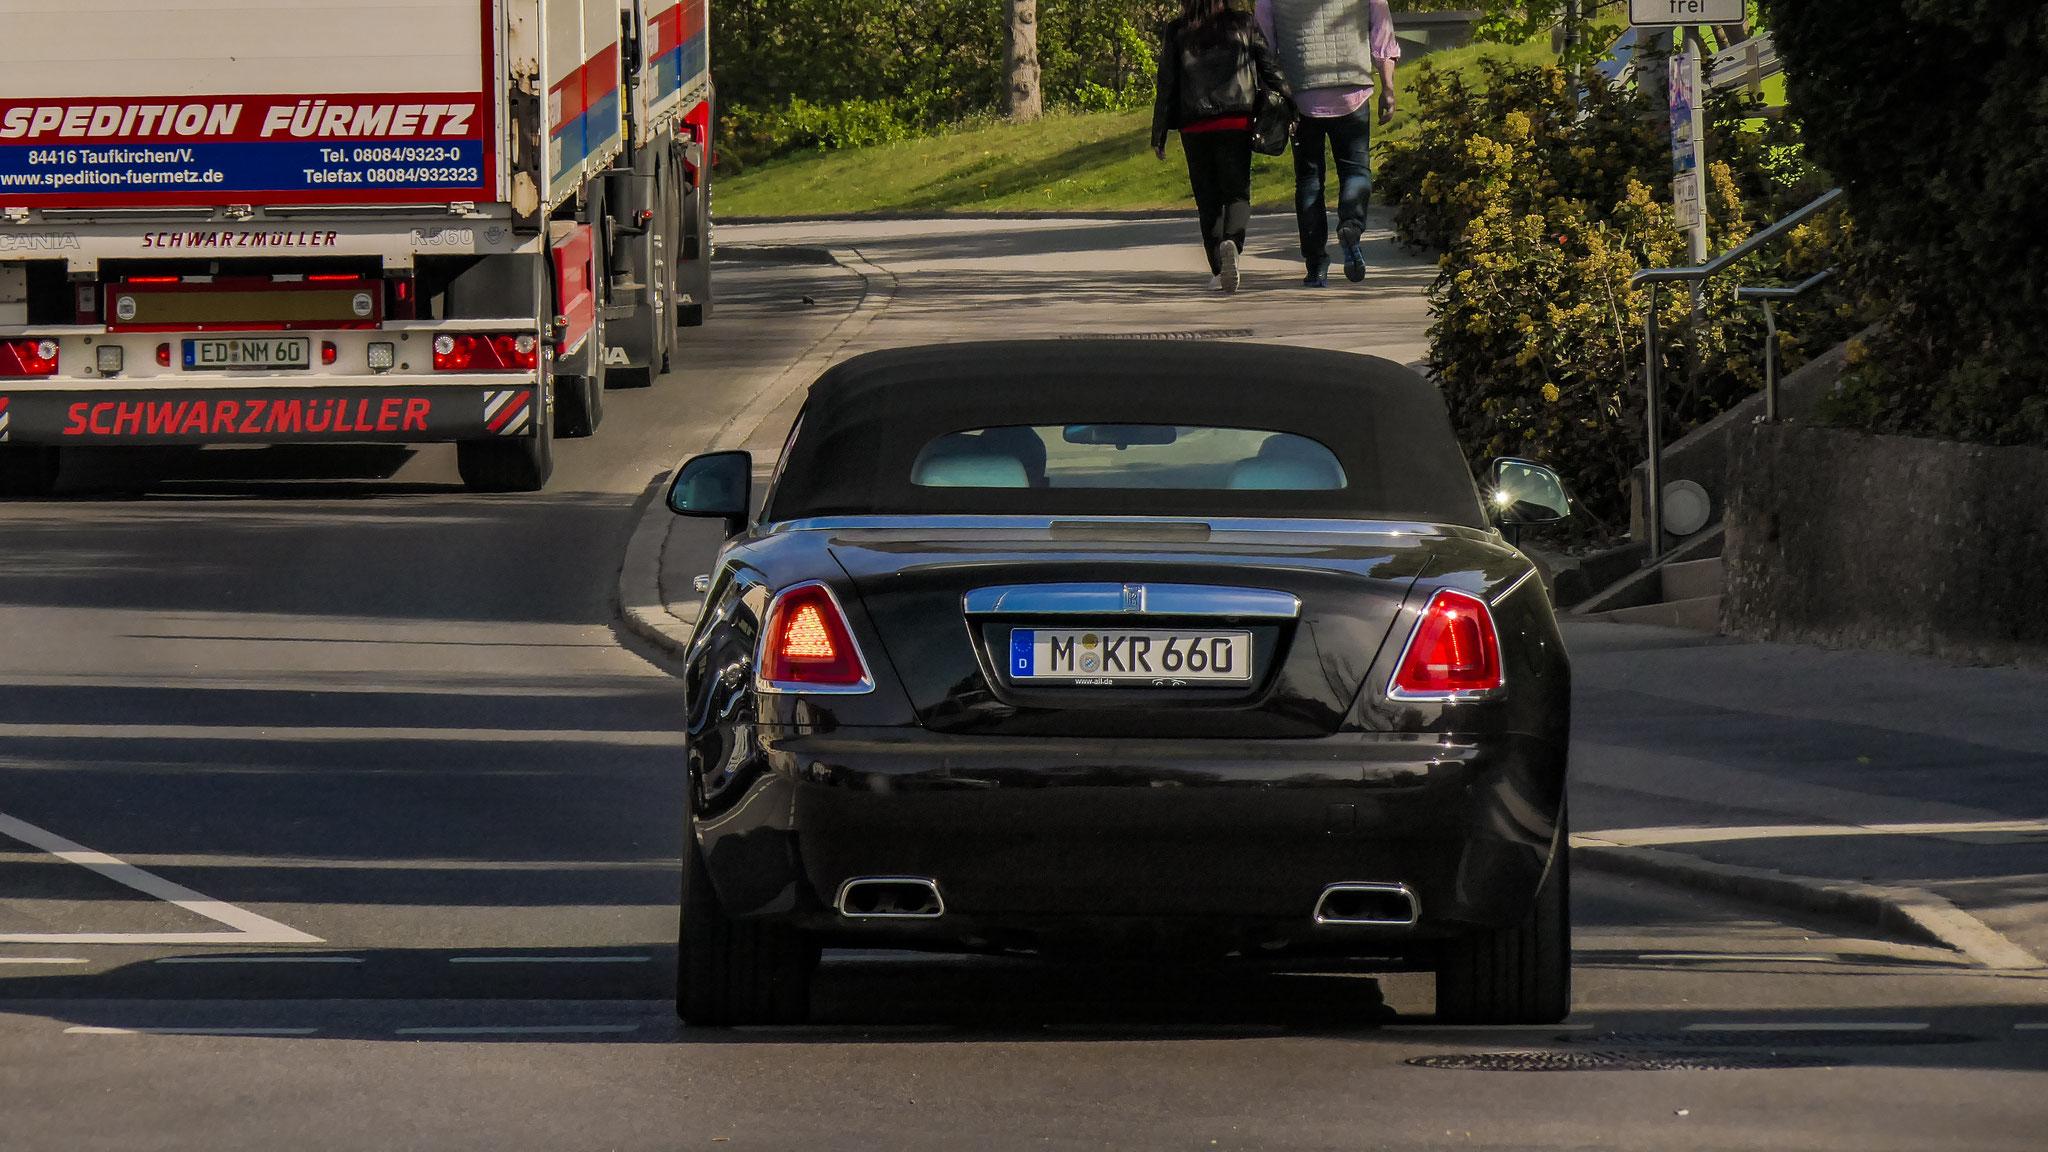 Rolls Royce Dawn - M-KR-660